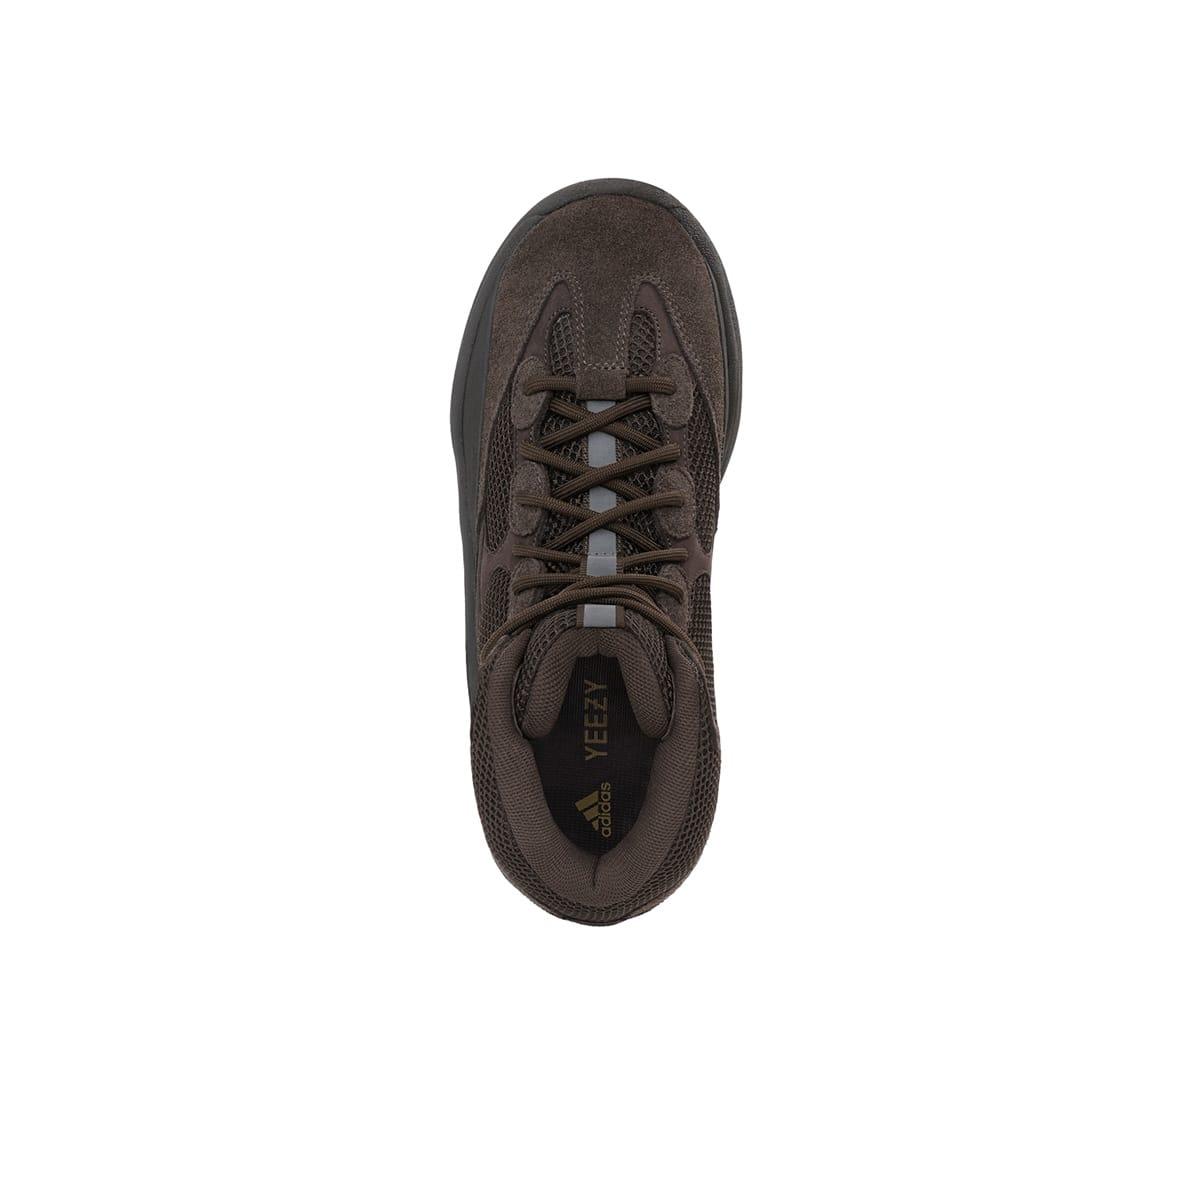 YEEZY Desert Boot - EG6463-END